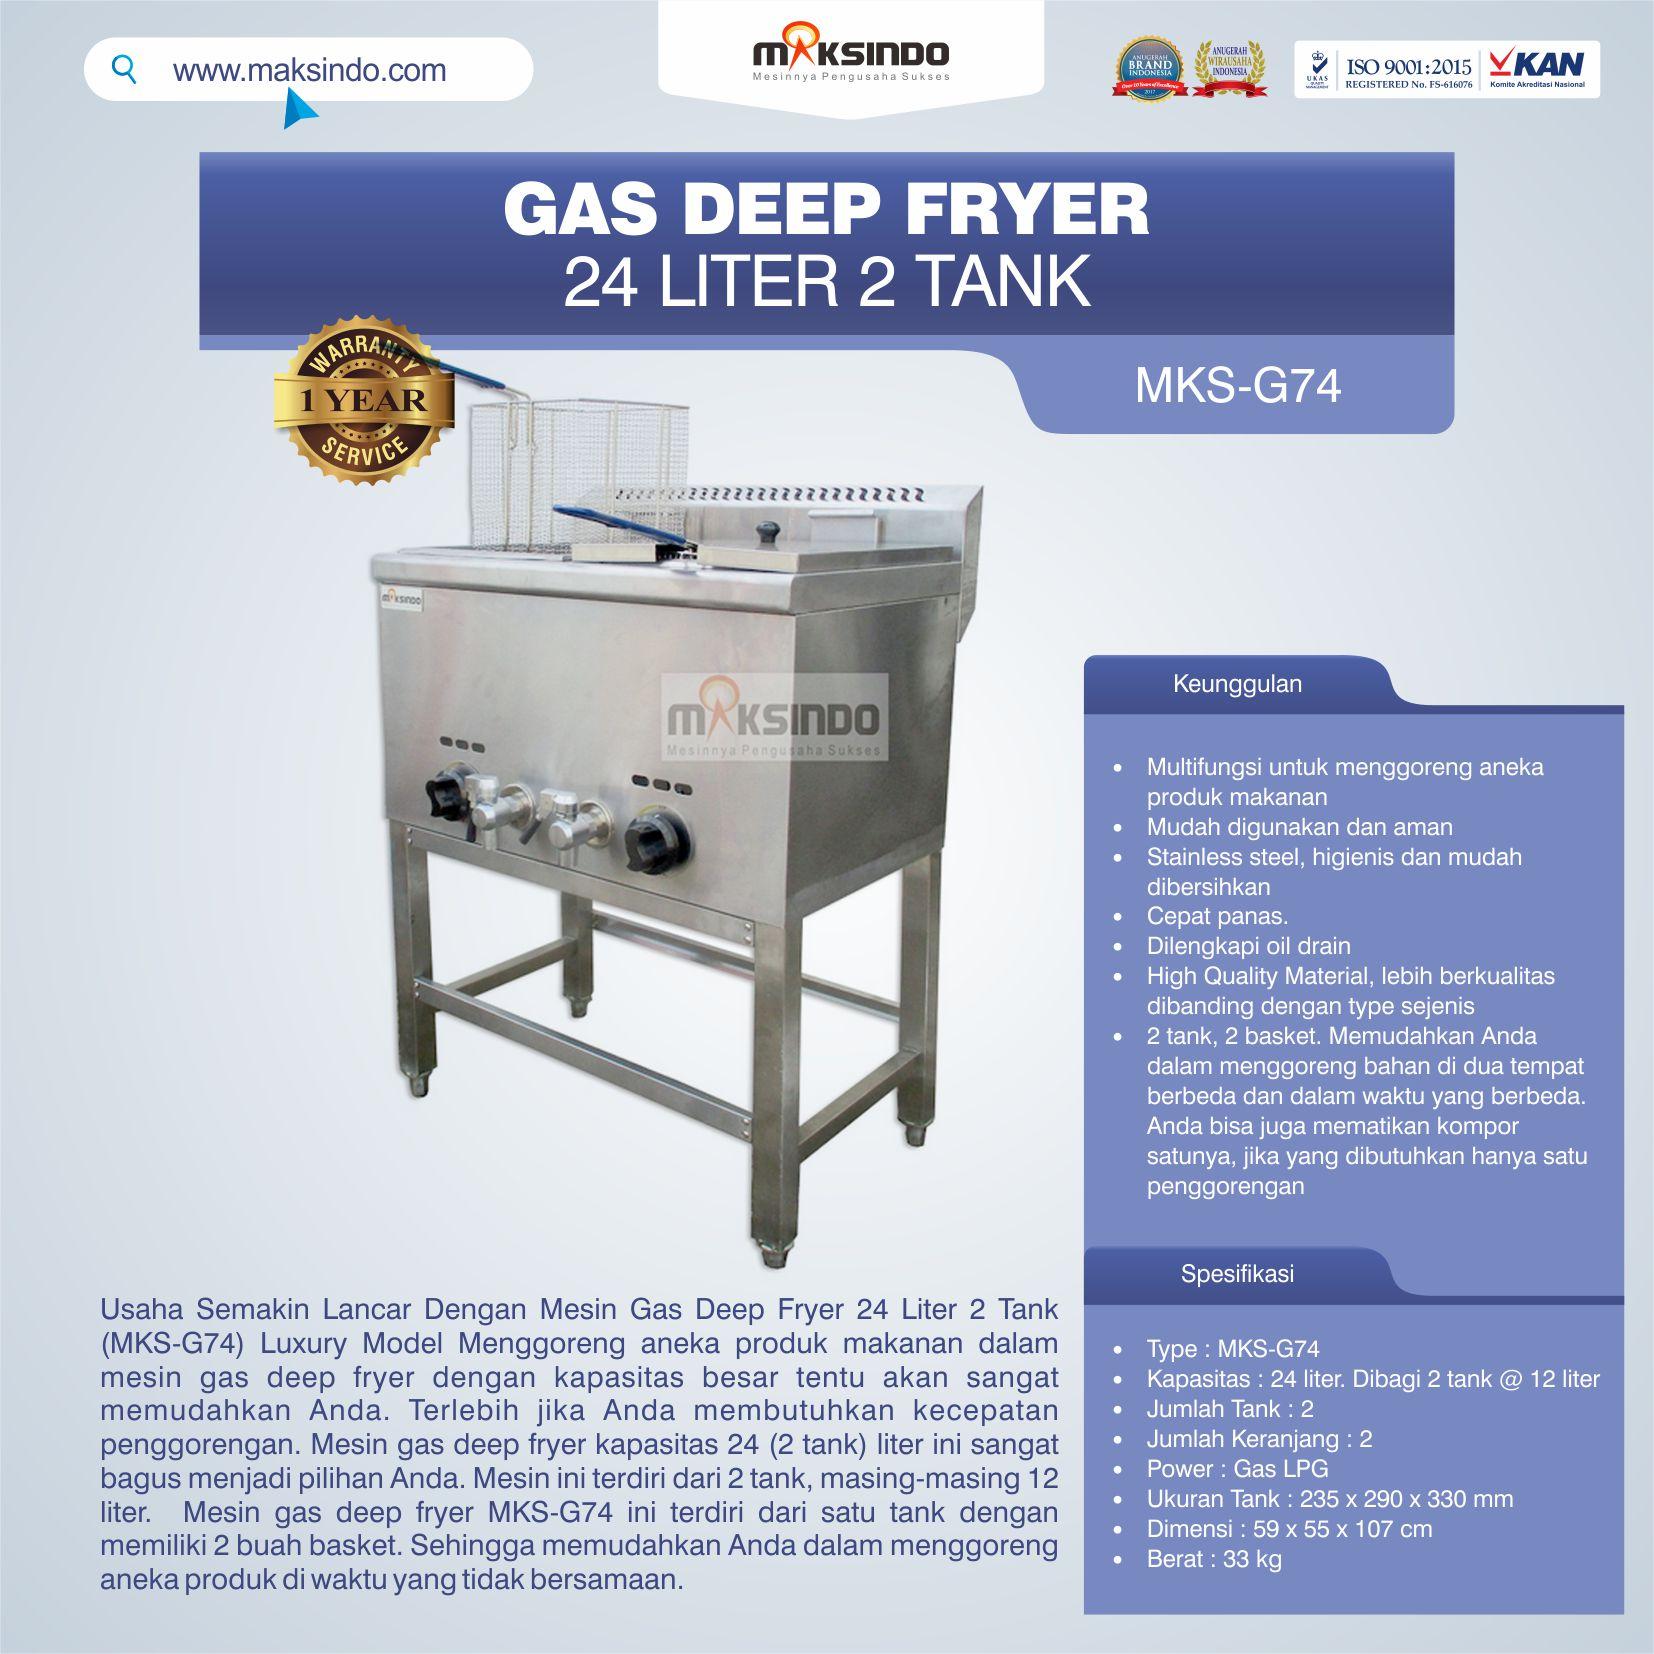 Jual Gas Deep Fryer 24 Liter 2 Tank (G74) di Bandung